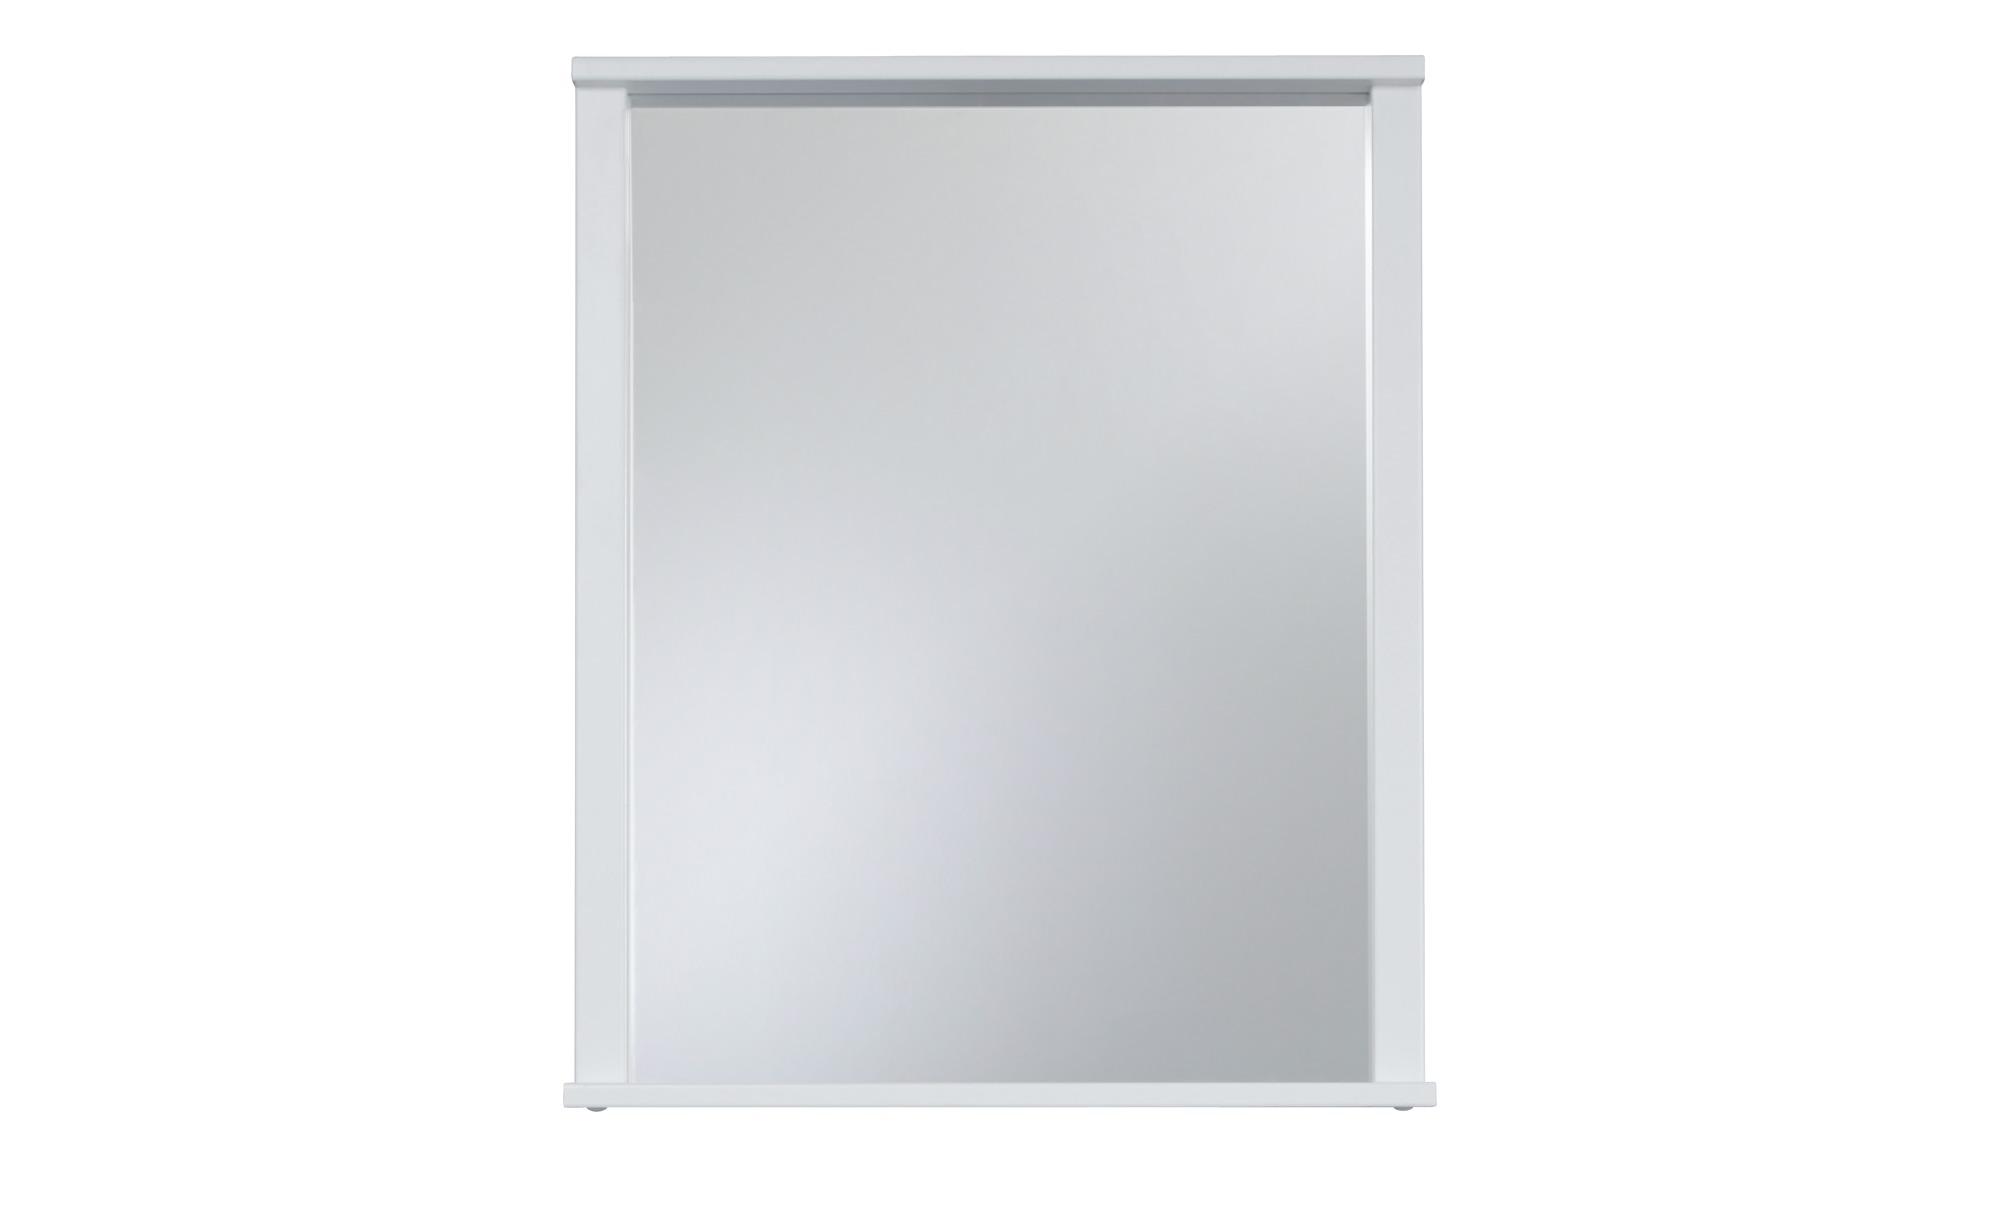 Bad-Spiegel - weiß - 63 cm - 78 cm - 12 cm - Badtextilien und Zubehör > Badaccessoires - Möbel Kraft | Bad > Spiegel fürs Bad > Badspiegel | Sconto